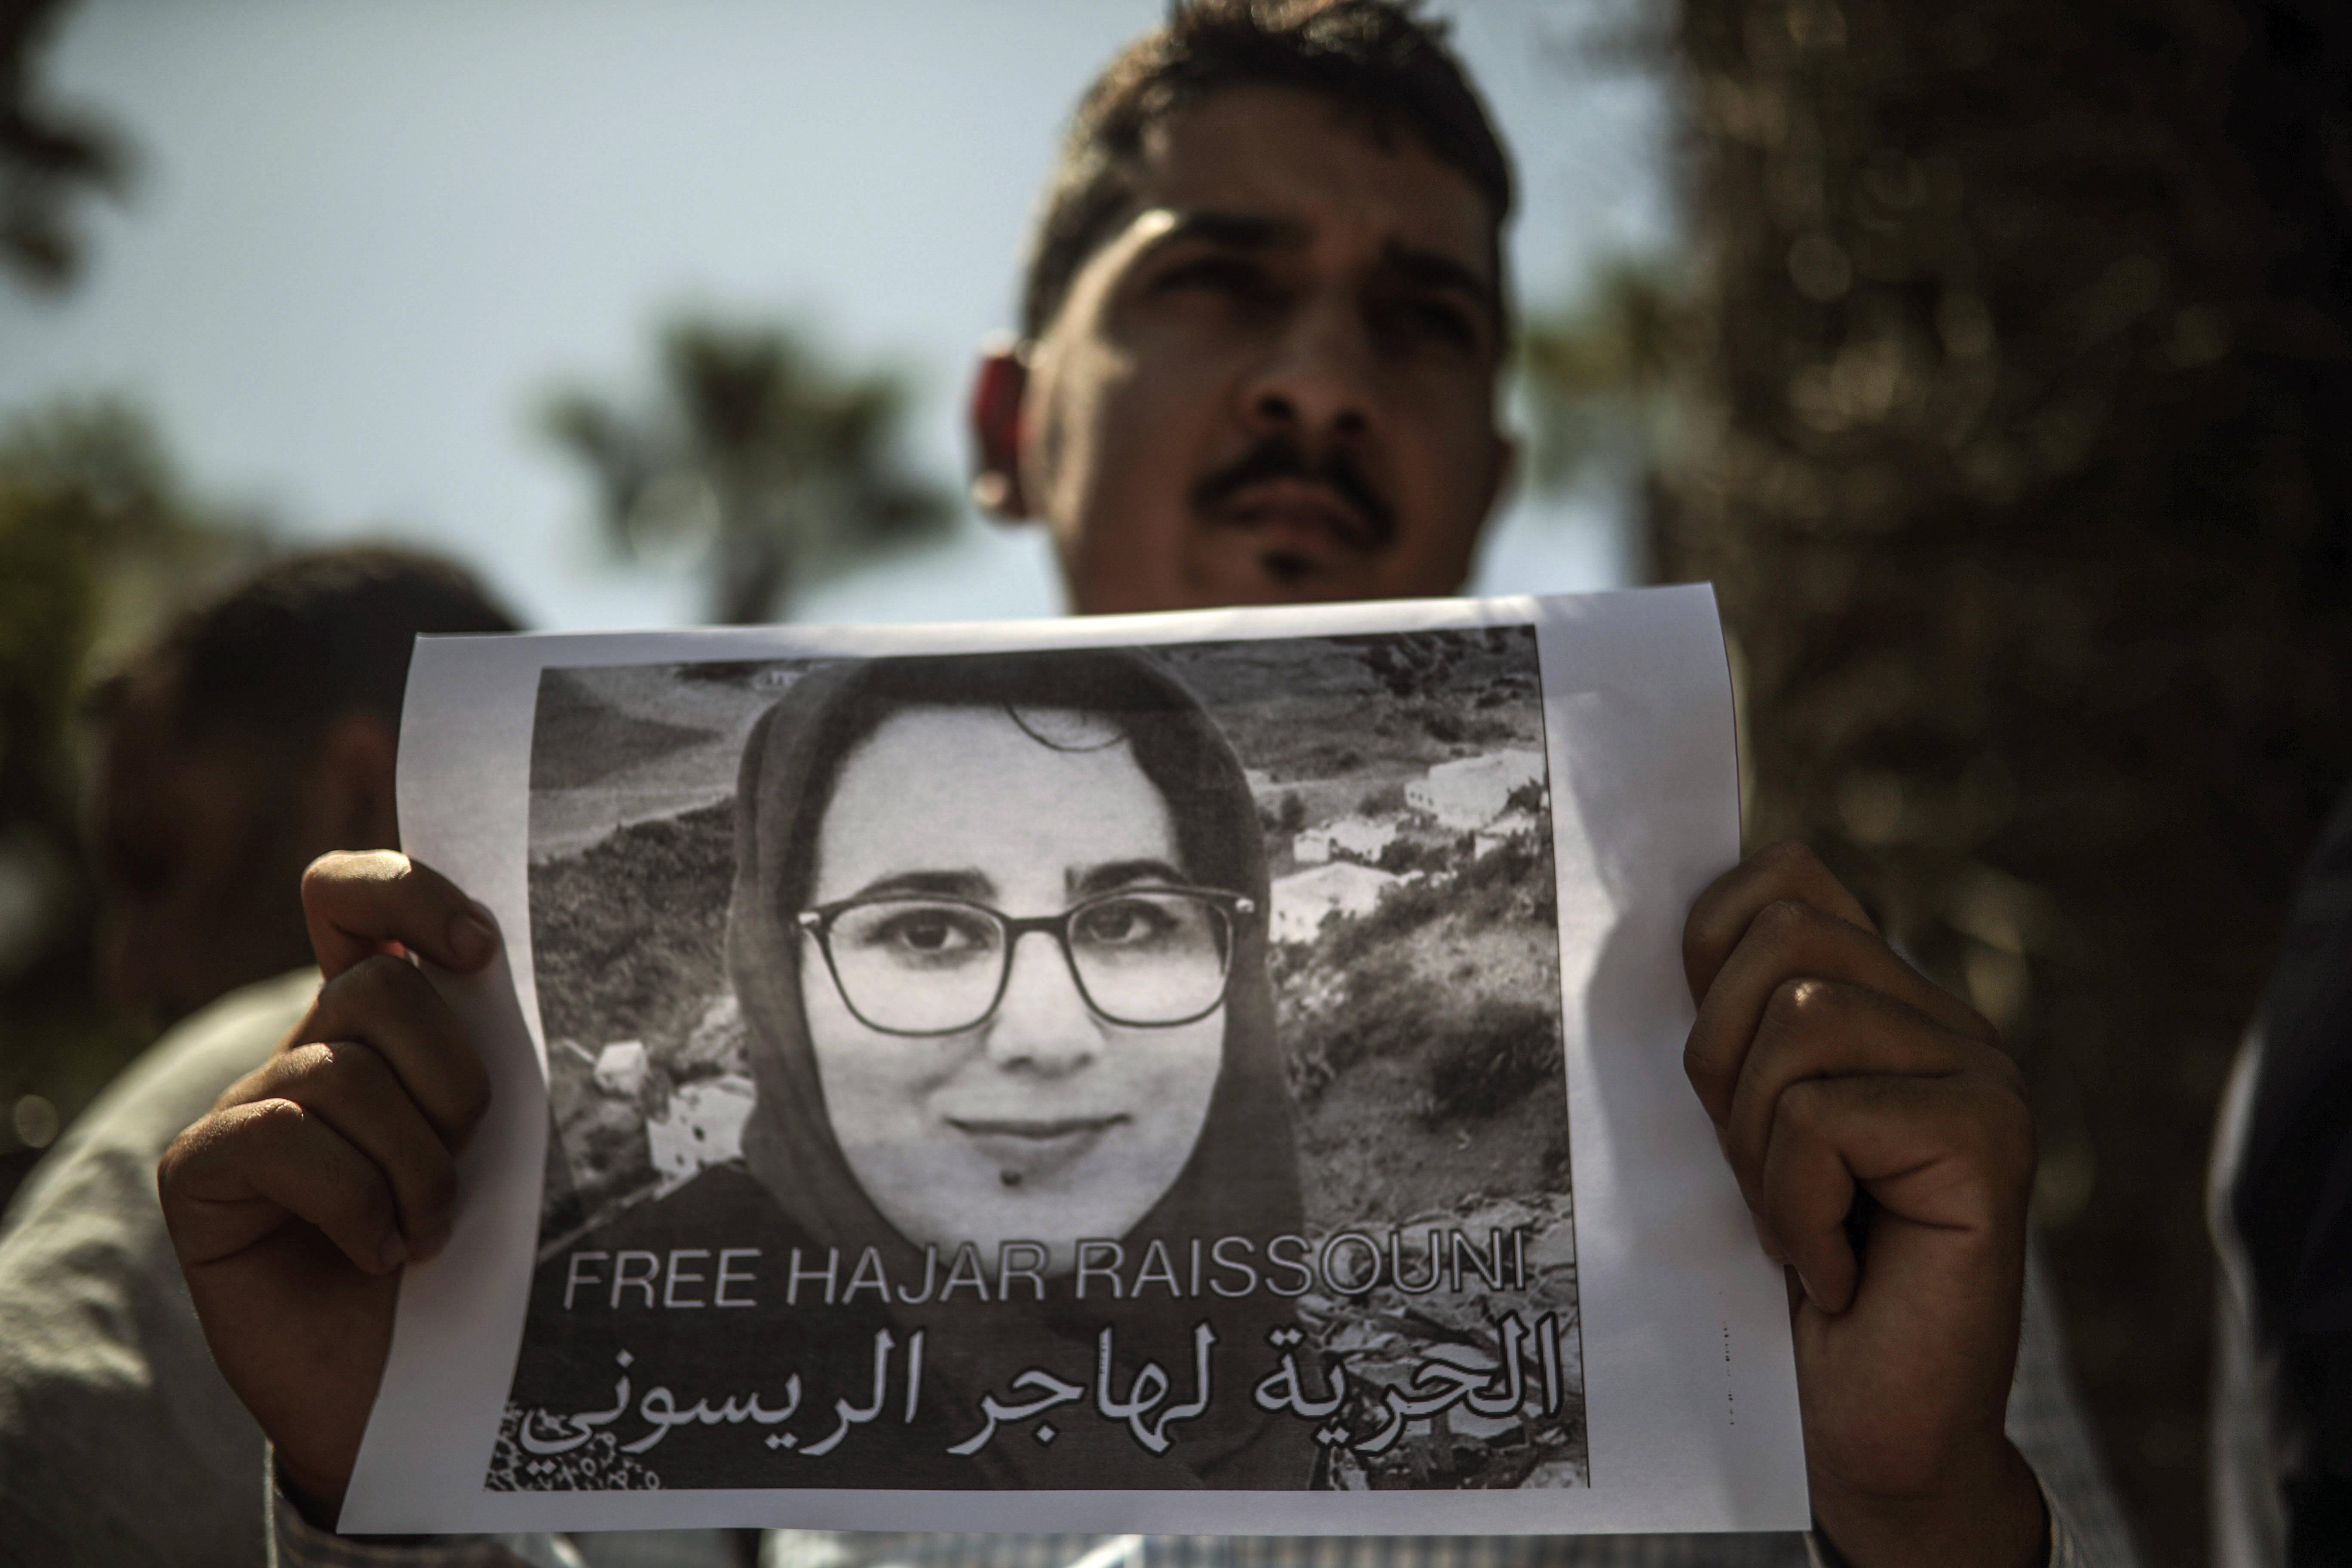 Un homme brandissant une pancarte demandant la libération de la journaliste Hajar Raïssouni, lundi 9 septembre 2019 à Rabat.